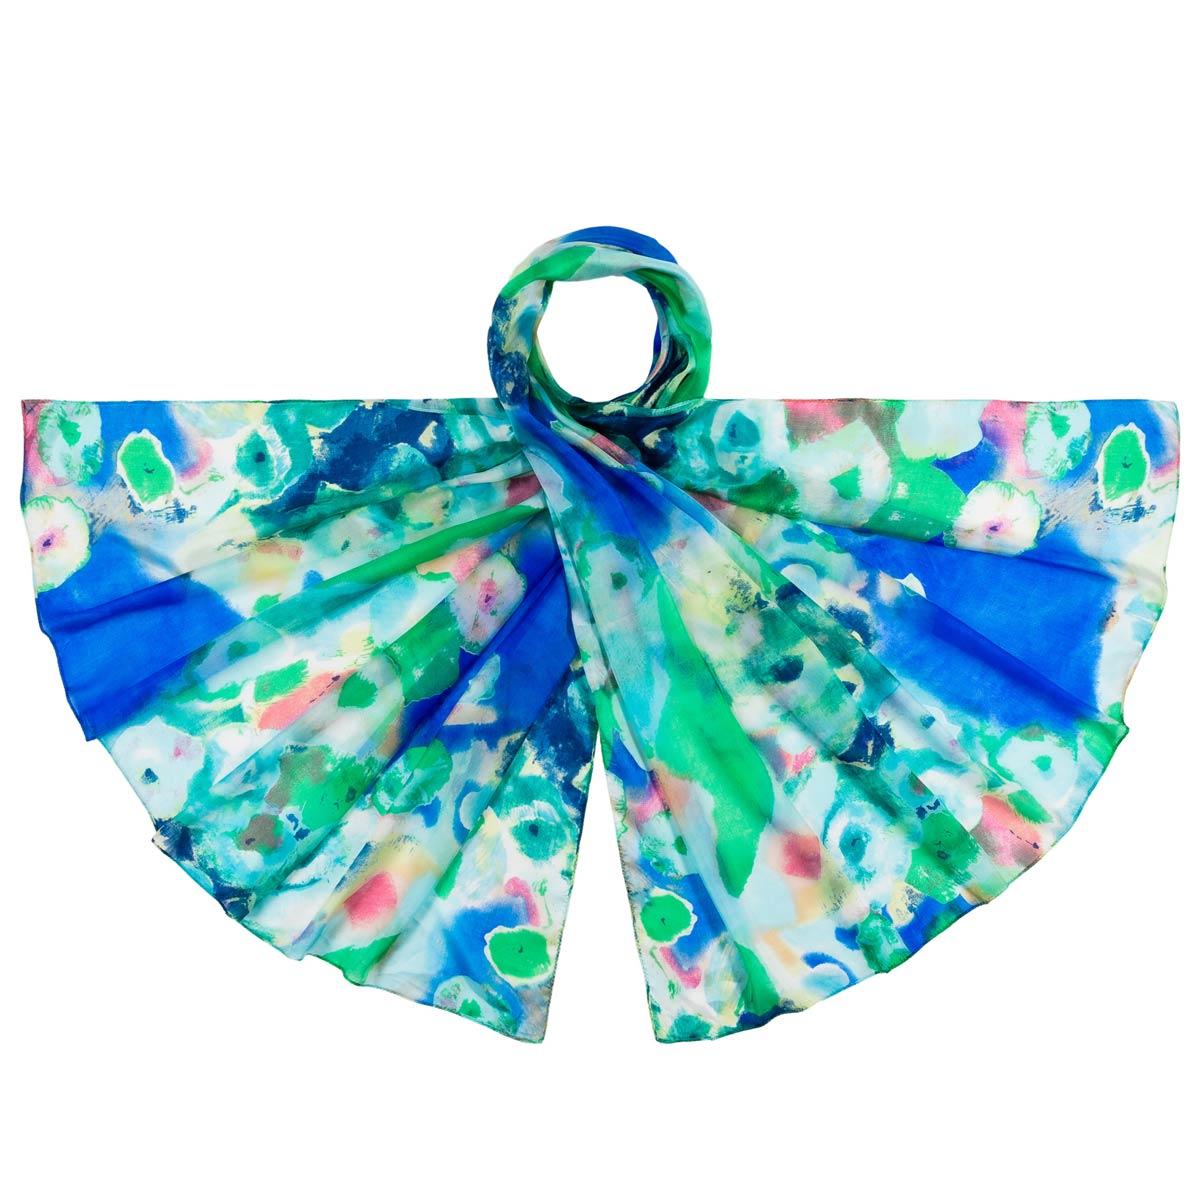 _Etole-soie-femme-abstraction-bleu-vert